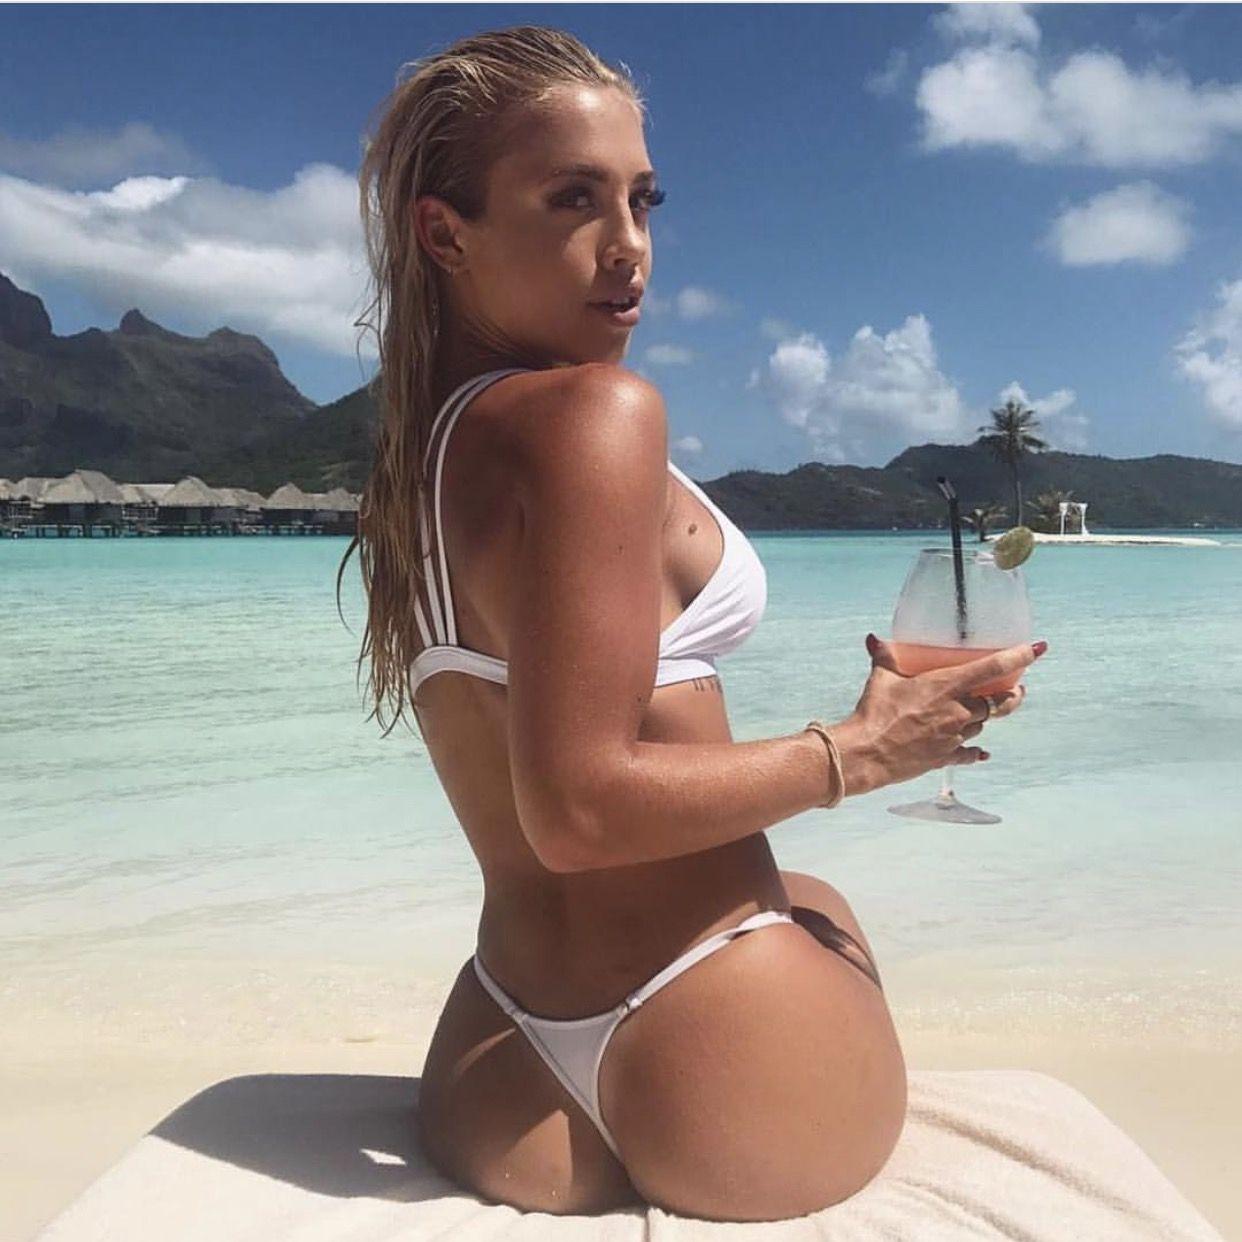 GoalsProbiotics Hembrow Booty Is One Bikinis Fans Tammy J3clKTF1